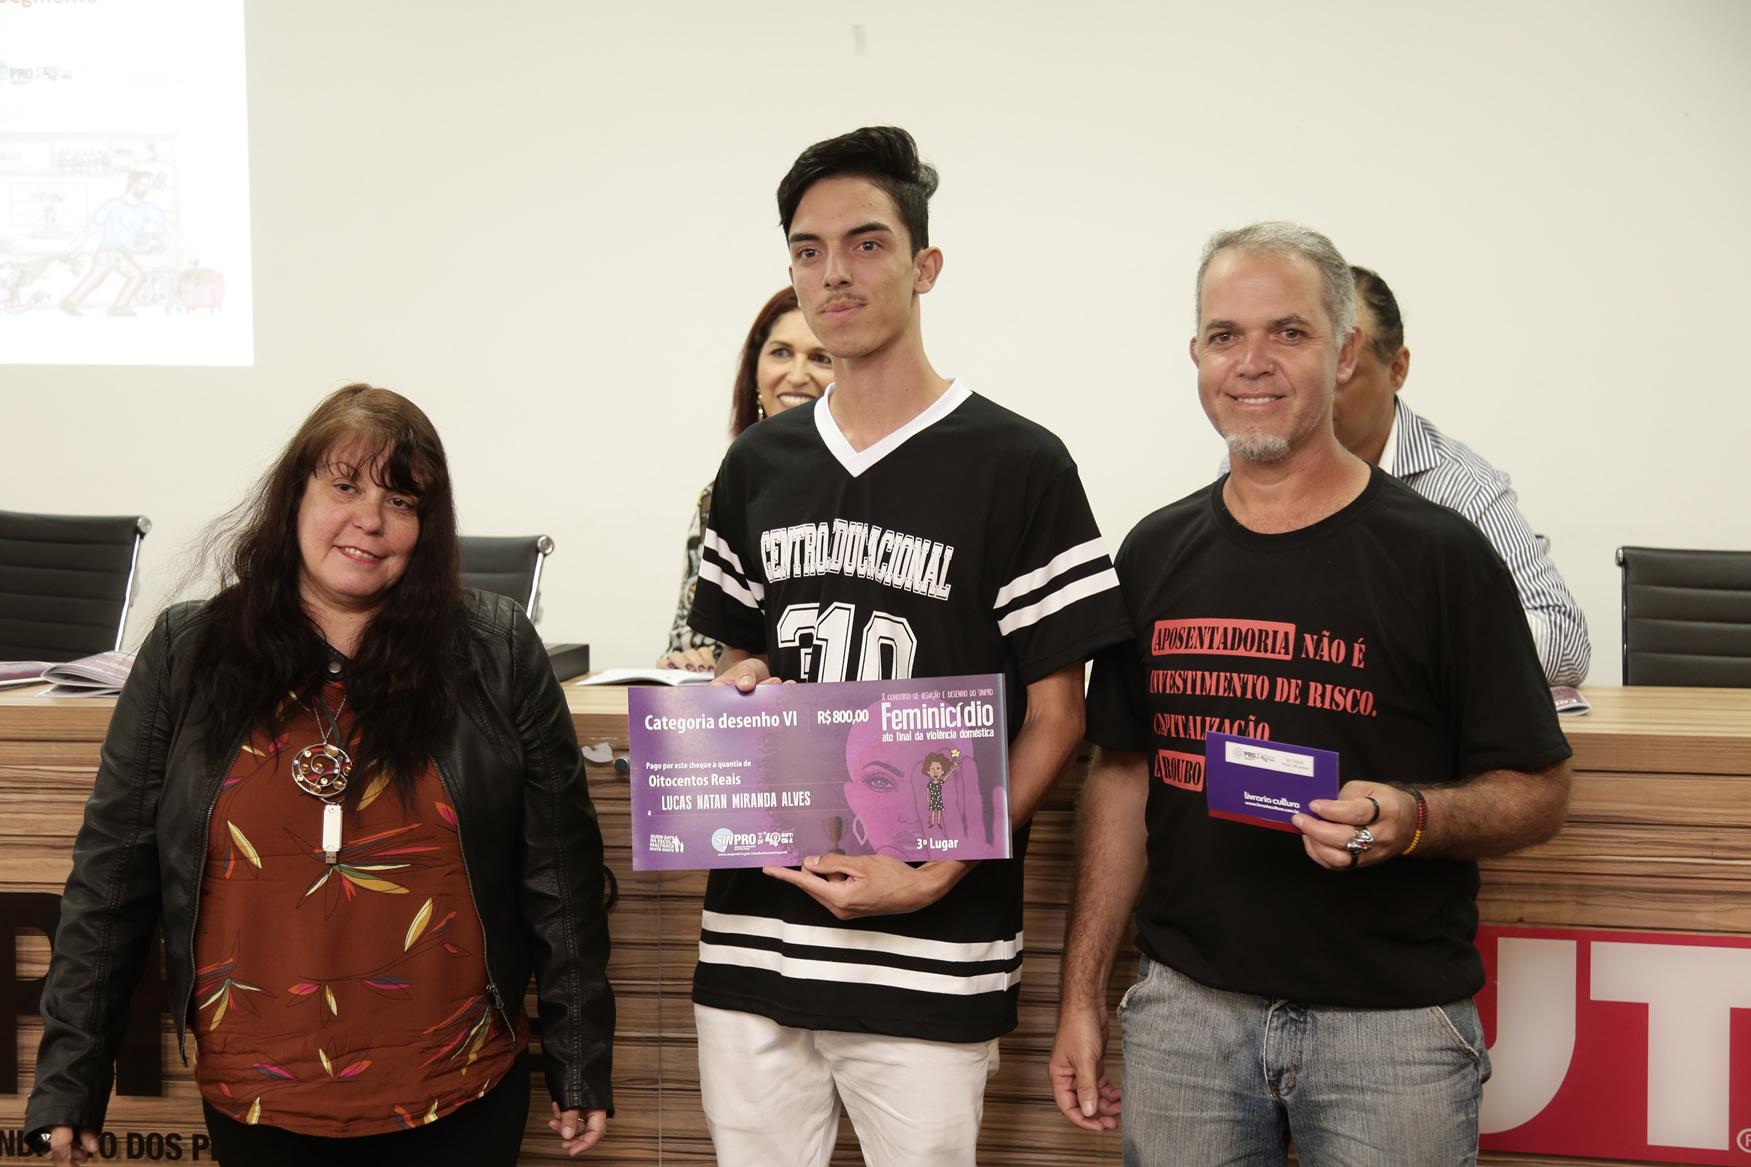 2019.05.19-Premiacao-do-X-Concurso-de-Redacao-do-Sinpro-DF_fotos-ECOM-99